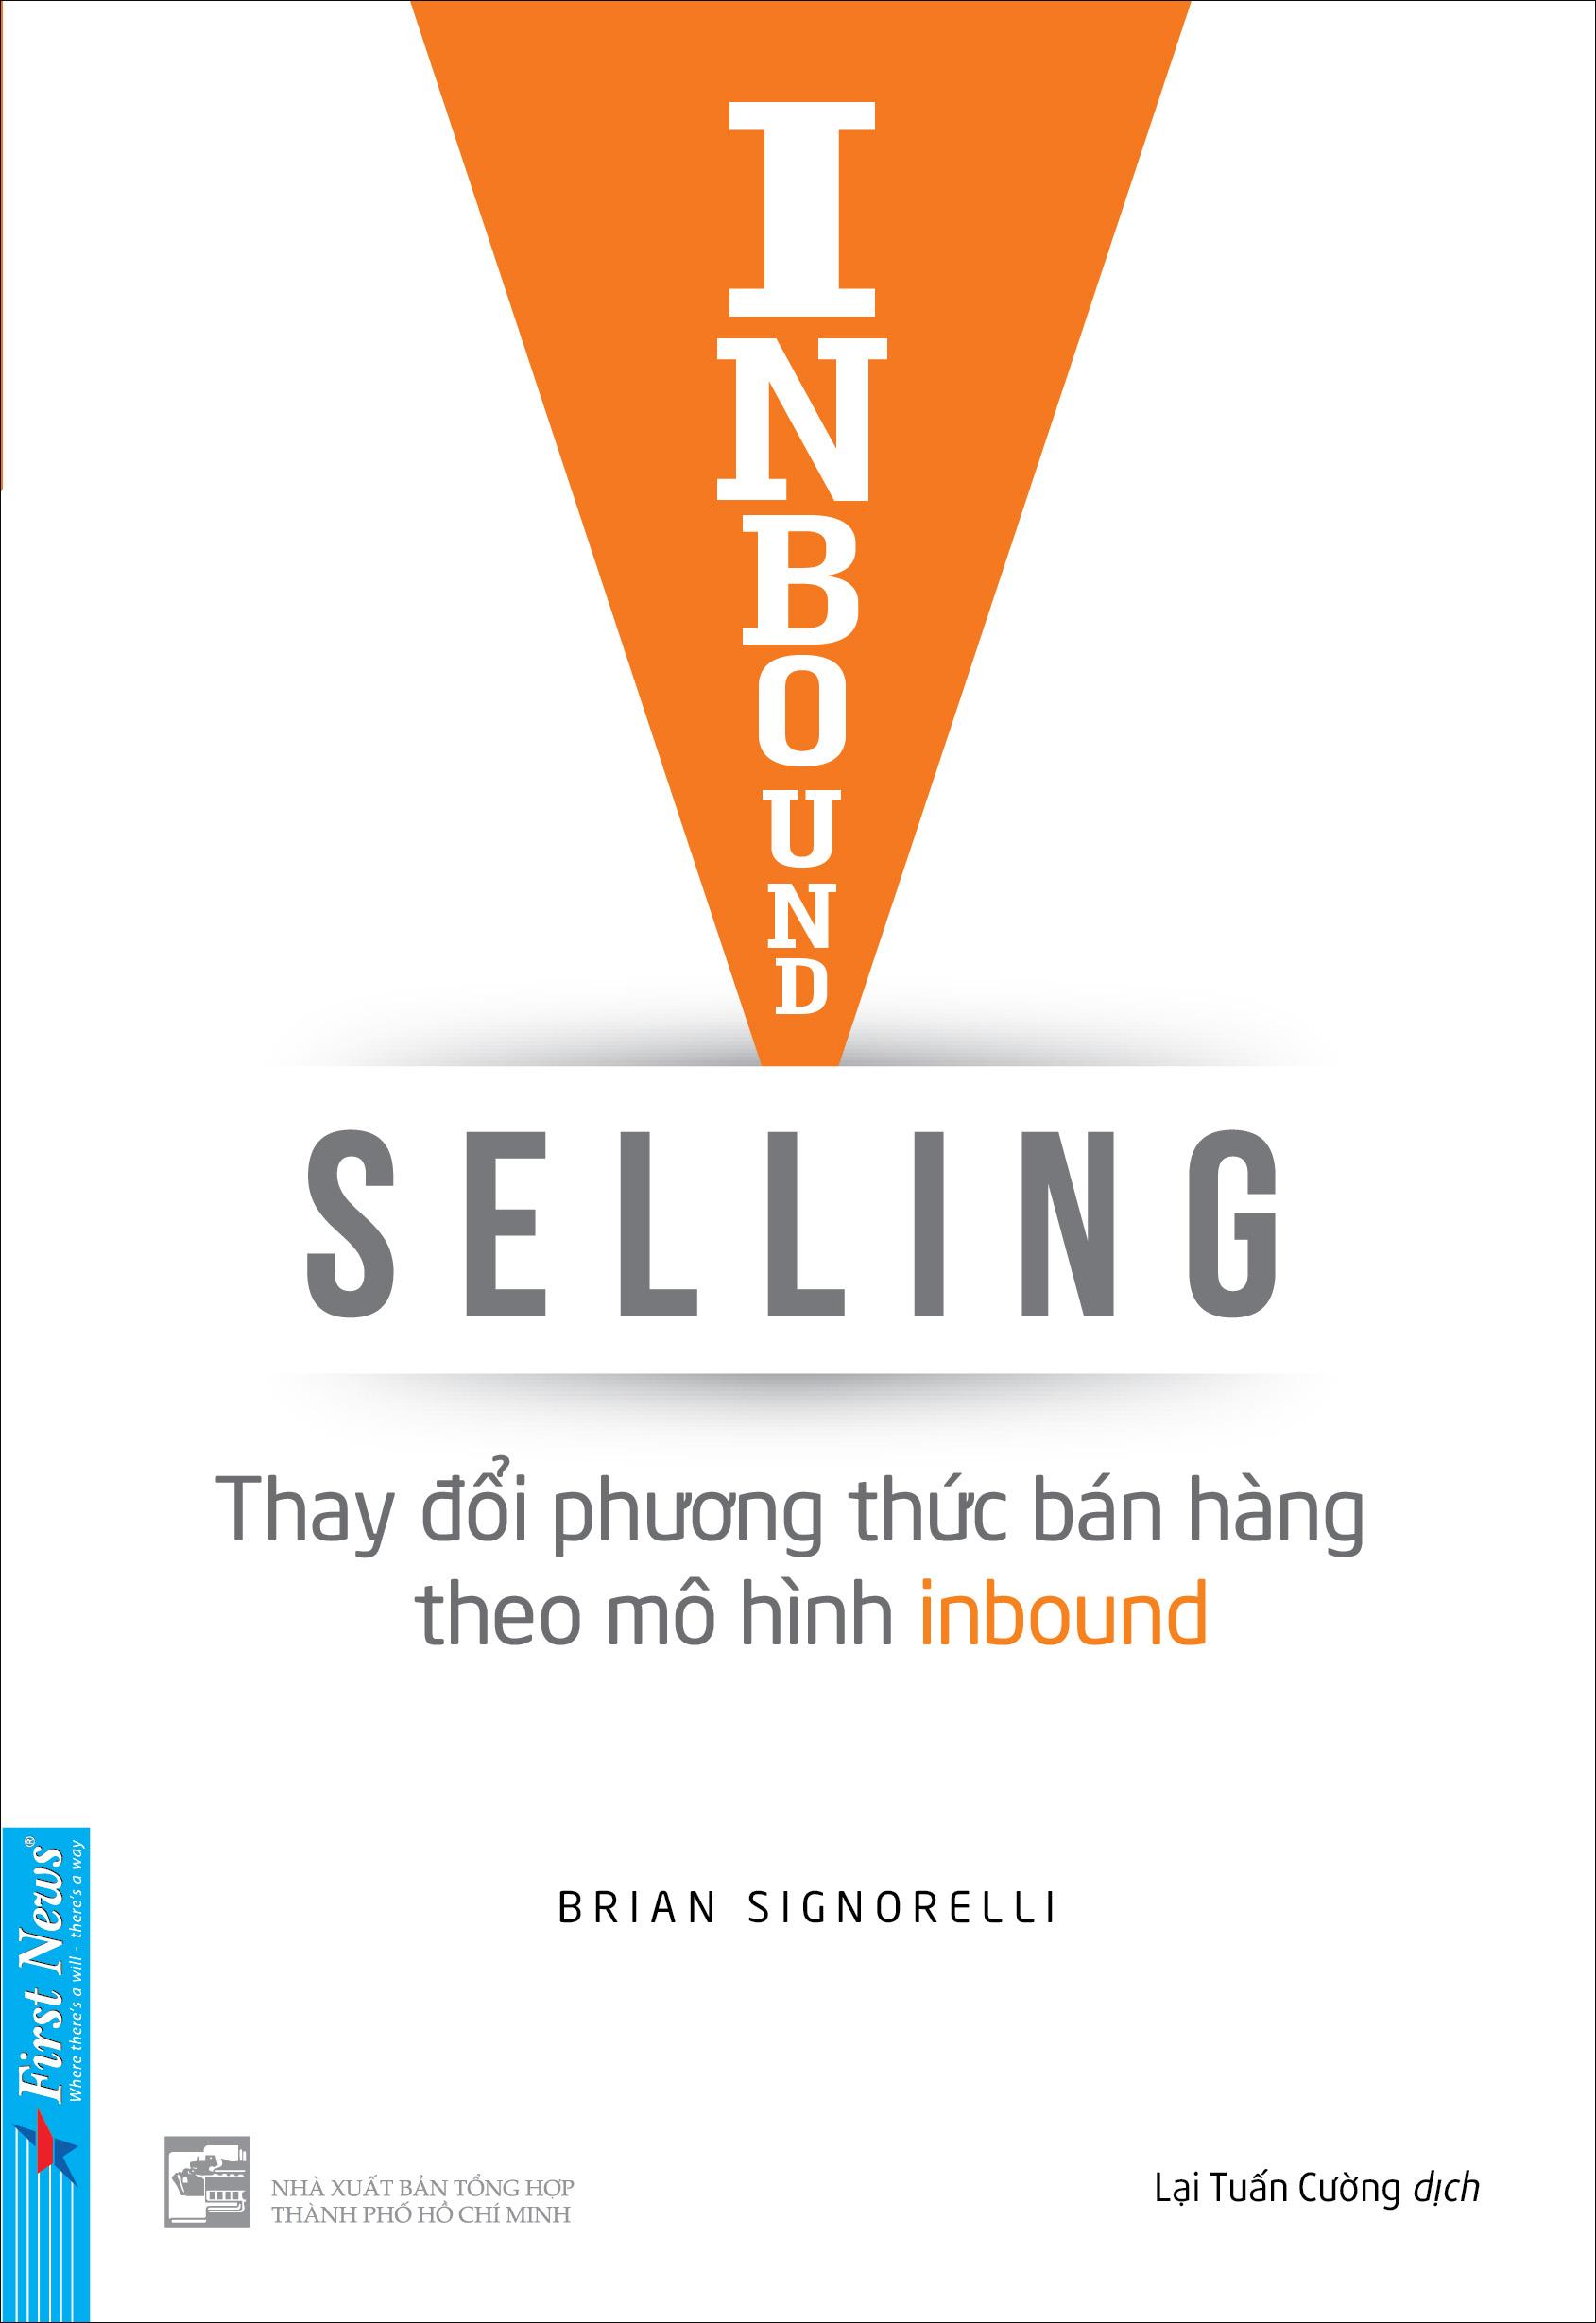 Inbound Selling - Thay Đổi Phương Thức Bán Hàng Theo Mô Hình Inbound